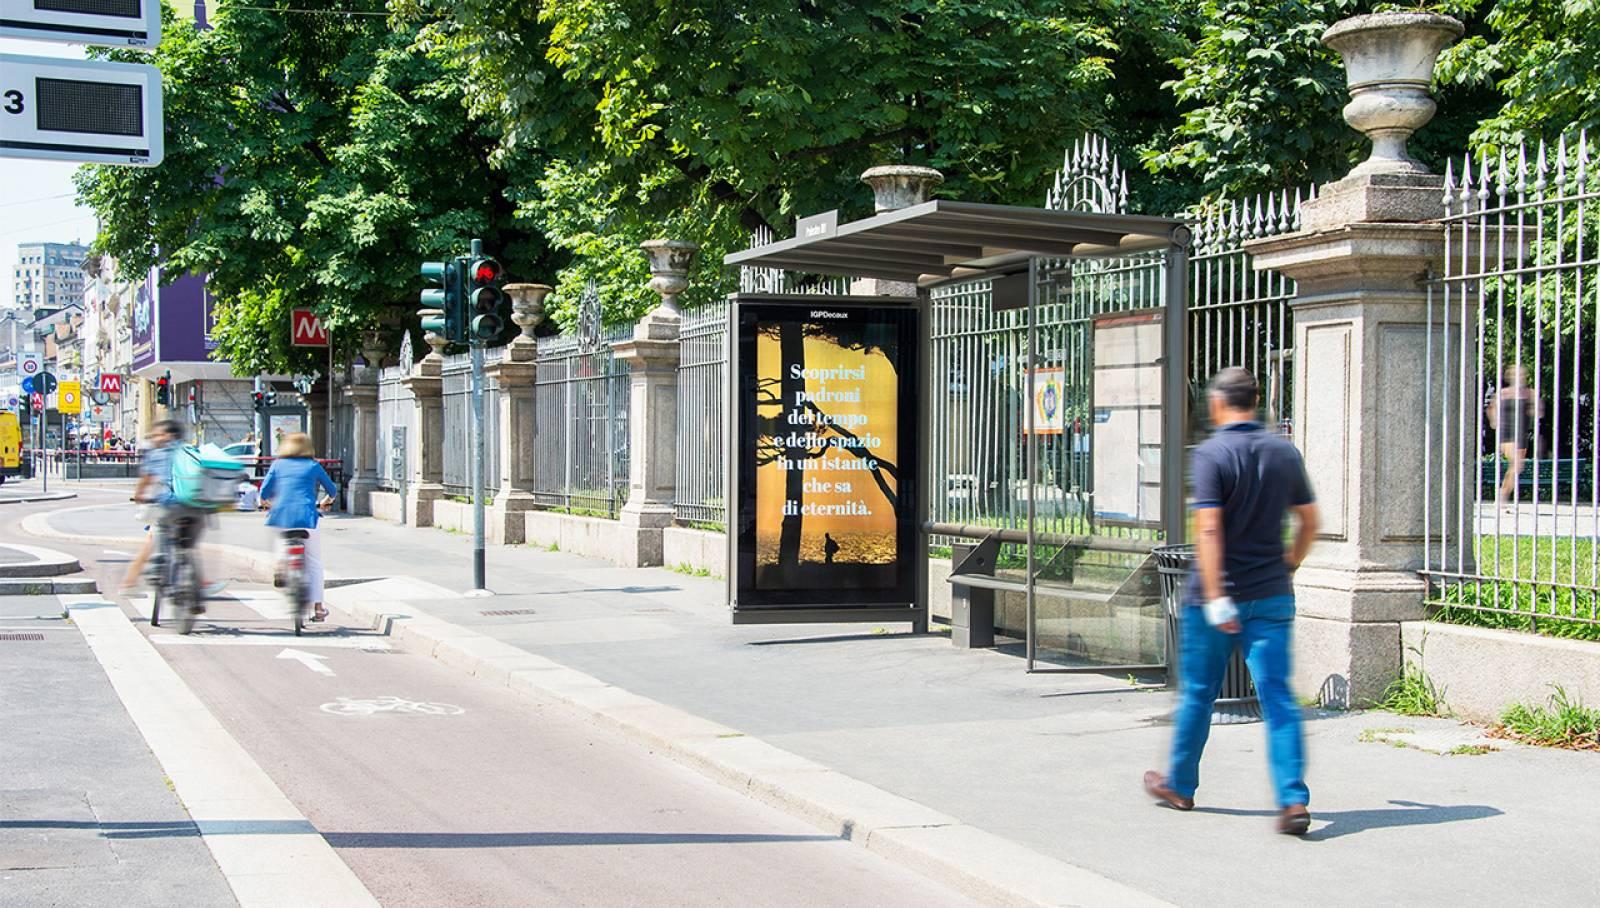 Pubblicità sulle pensiline IGPDecaux Milano Network Vision per Toscana Promozione Turistica